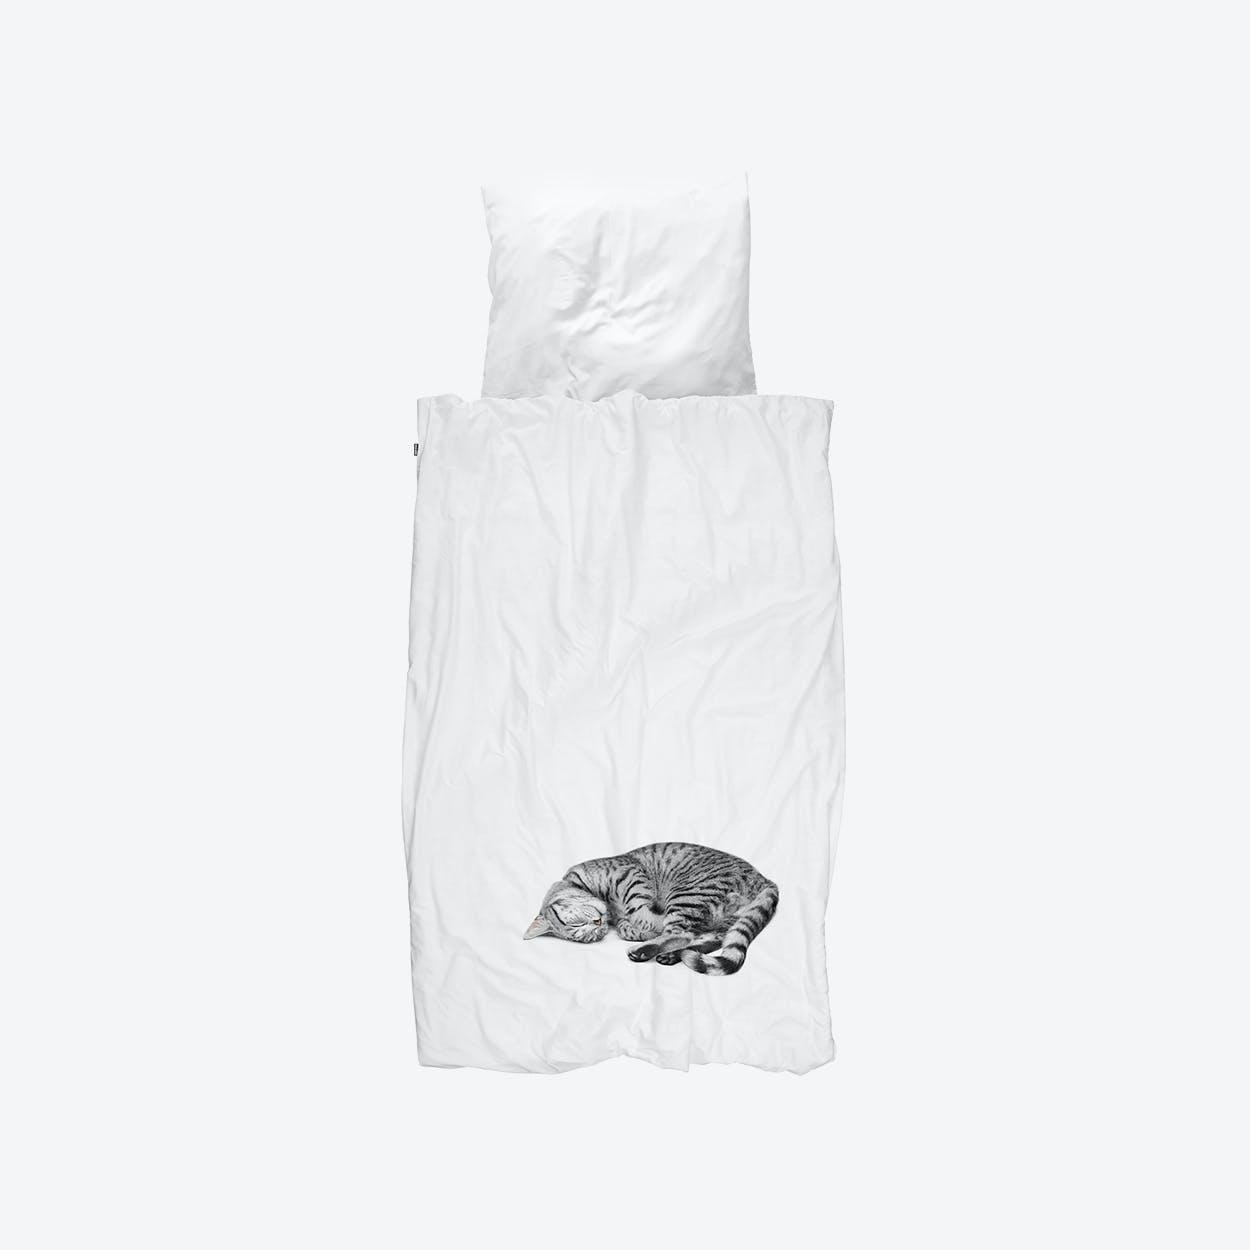 Ollie Duvet Cover & Pillowcase Set